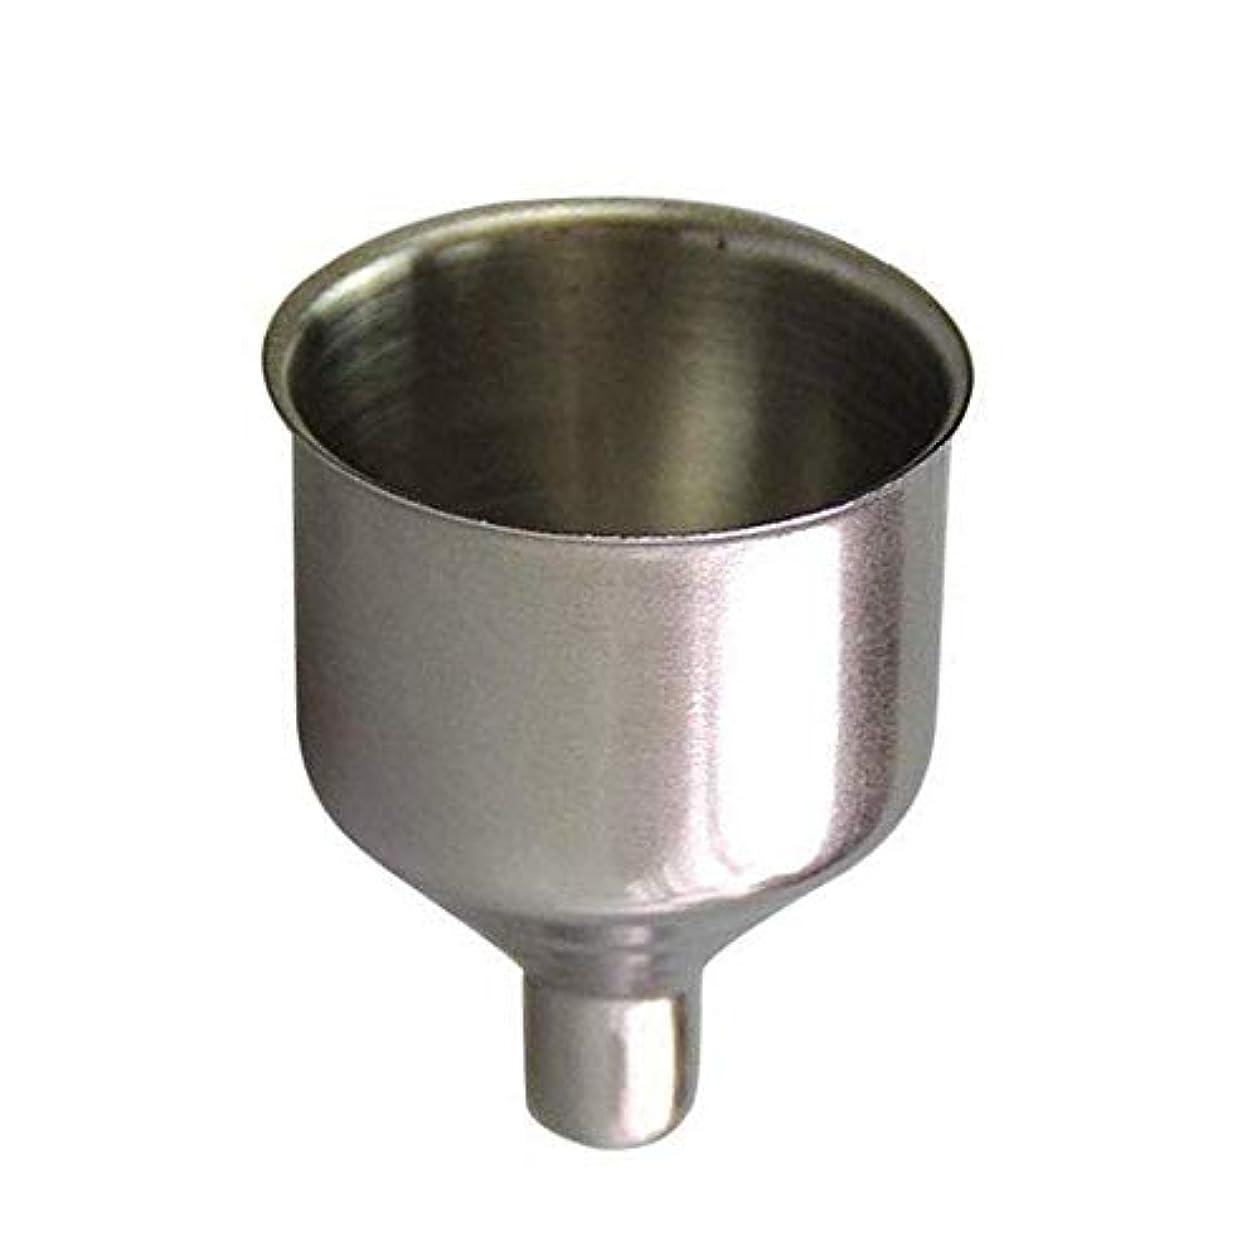 イソギンチャク再現する持ってる漏斗のこし器 じょうごおよび種を取除くため 液体 香水 精油 ステンレス鋼の漏斗